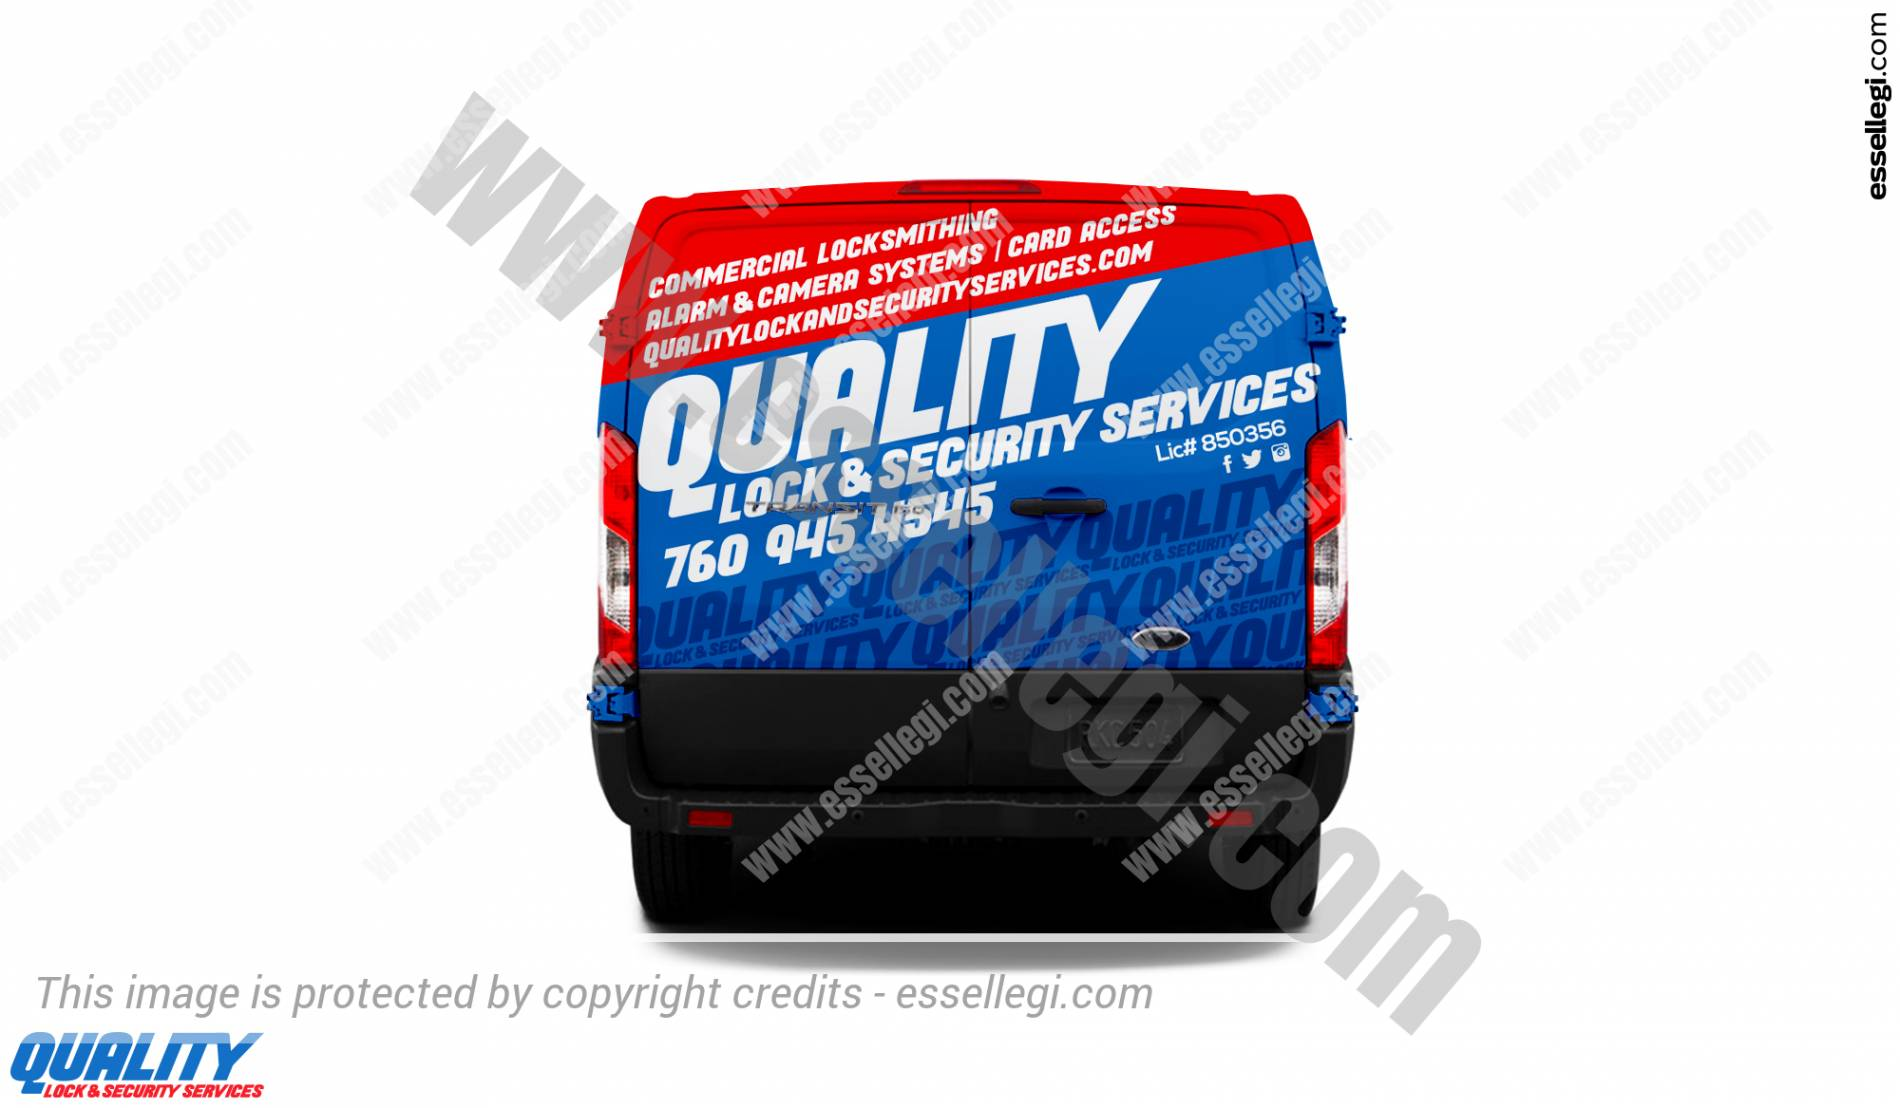 Ford Transit Wrap. Ford Transit 250 | Van Wrap Design by Essellegi. Van Signs, Van Signage, Van Wrapping, Van Signwriting, Van Wrap Designer, Signs for Van, Van Logo, Van Graphic by Essellegi.